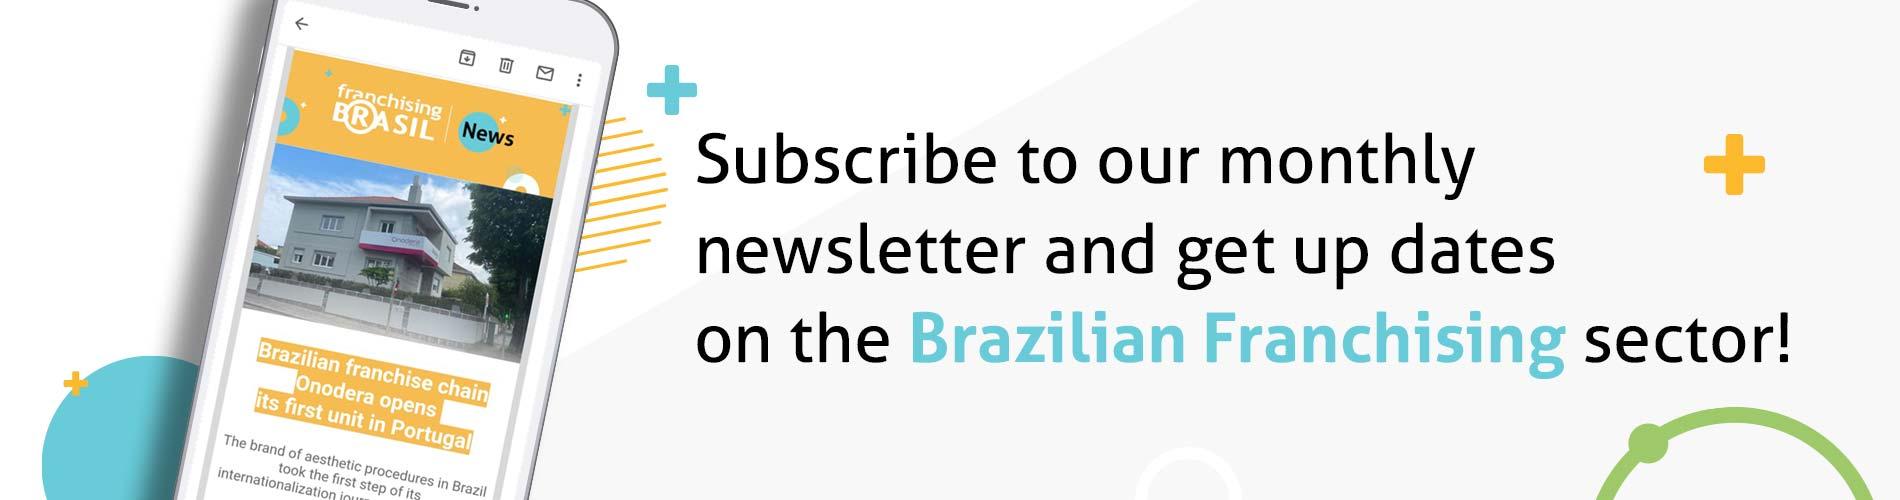 franchising-brasil-news-mensal-ingles